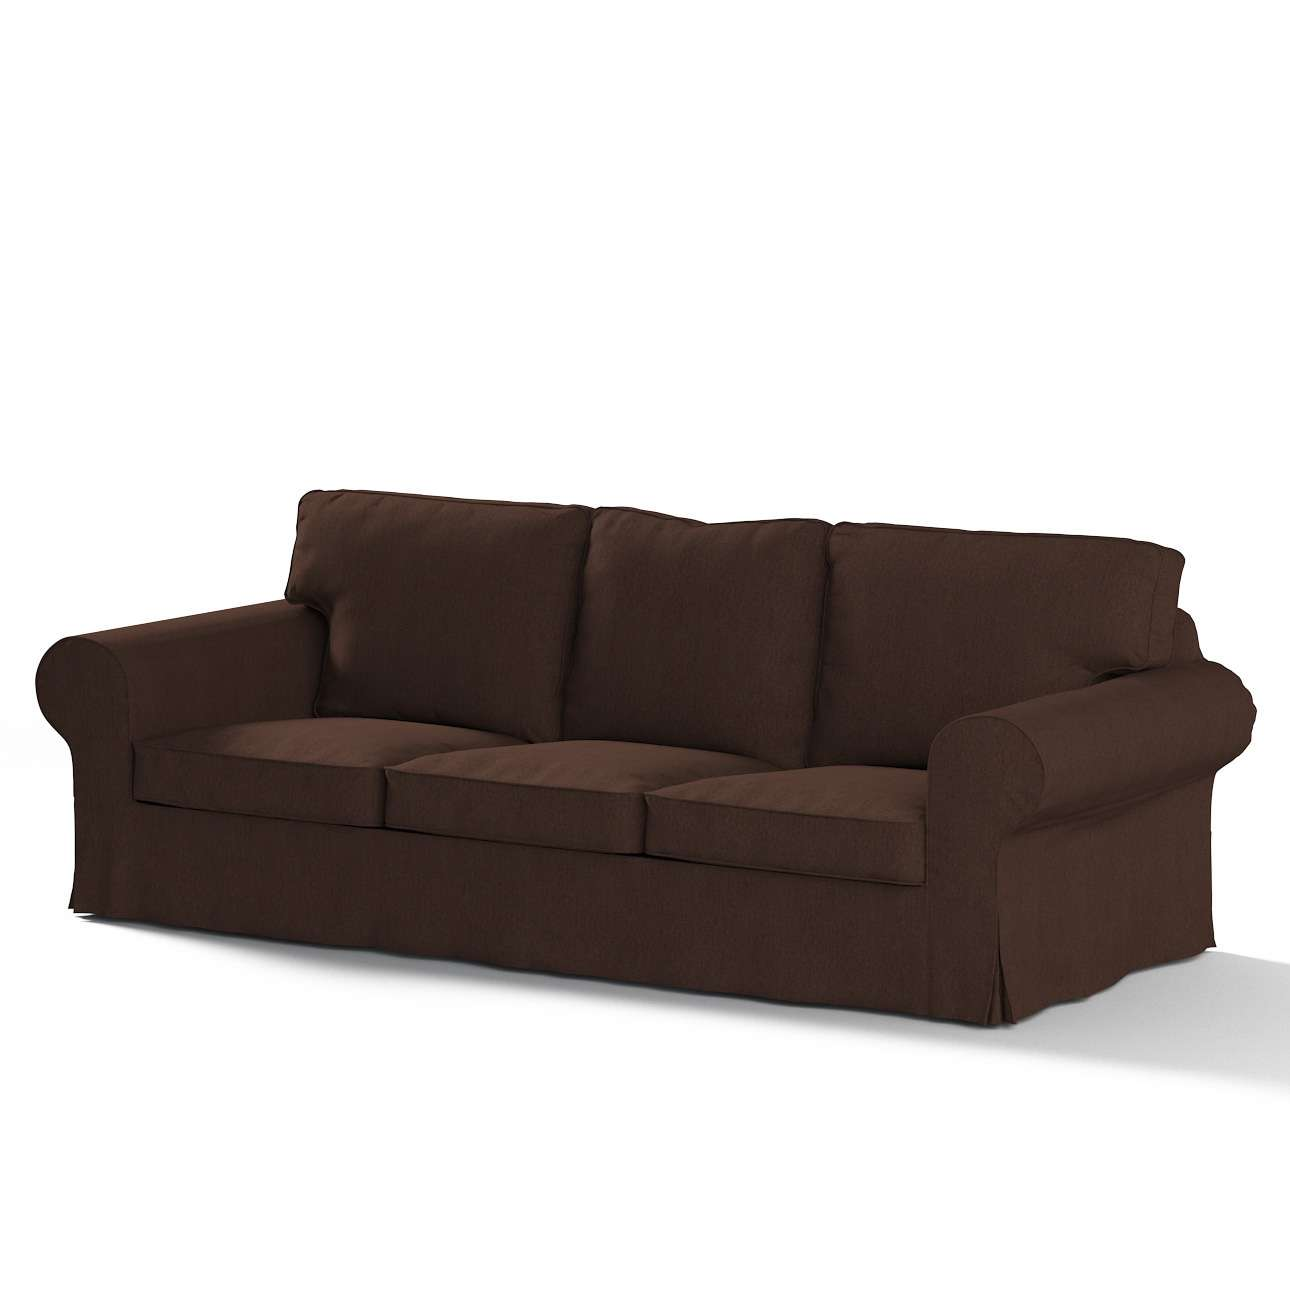 Pokrowiec na sofę Ektorp 3-osobową, rozkładaną w kolekcji Chenille, tkanina: 702-18